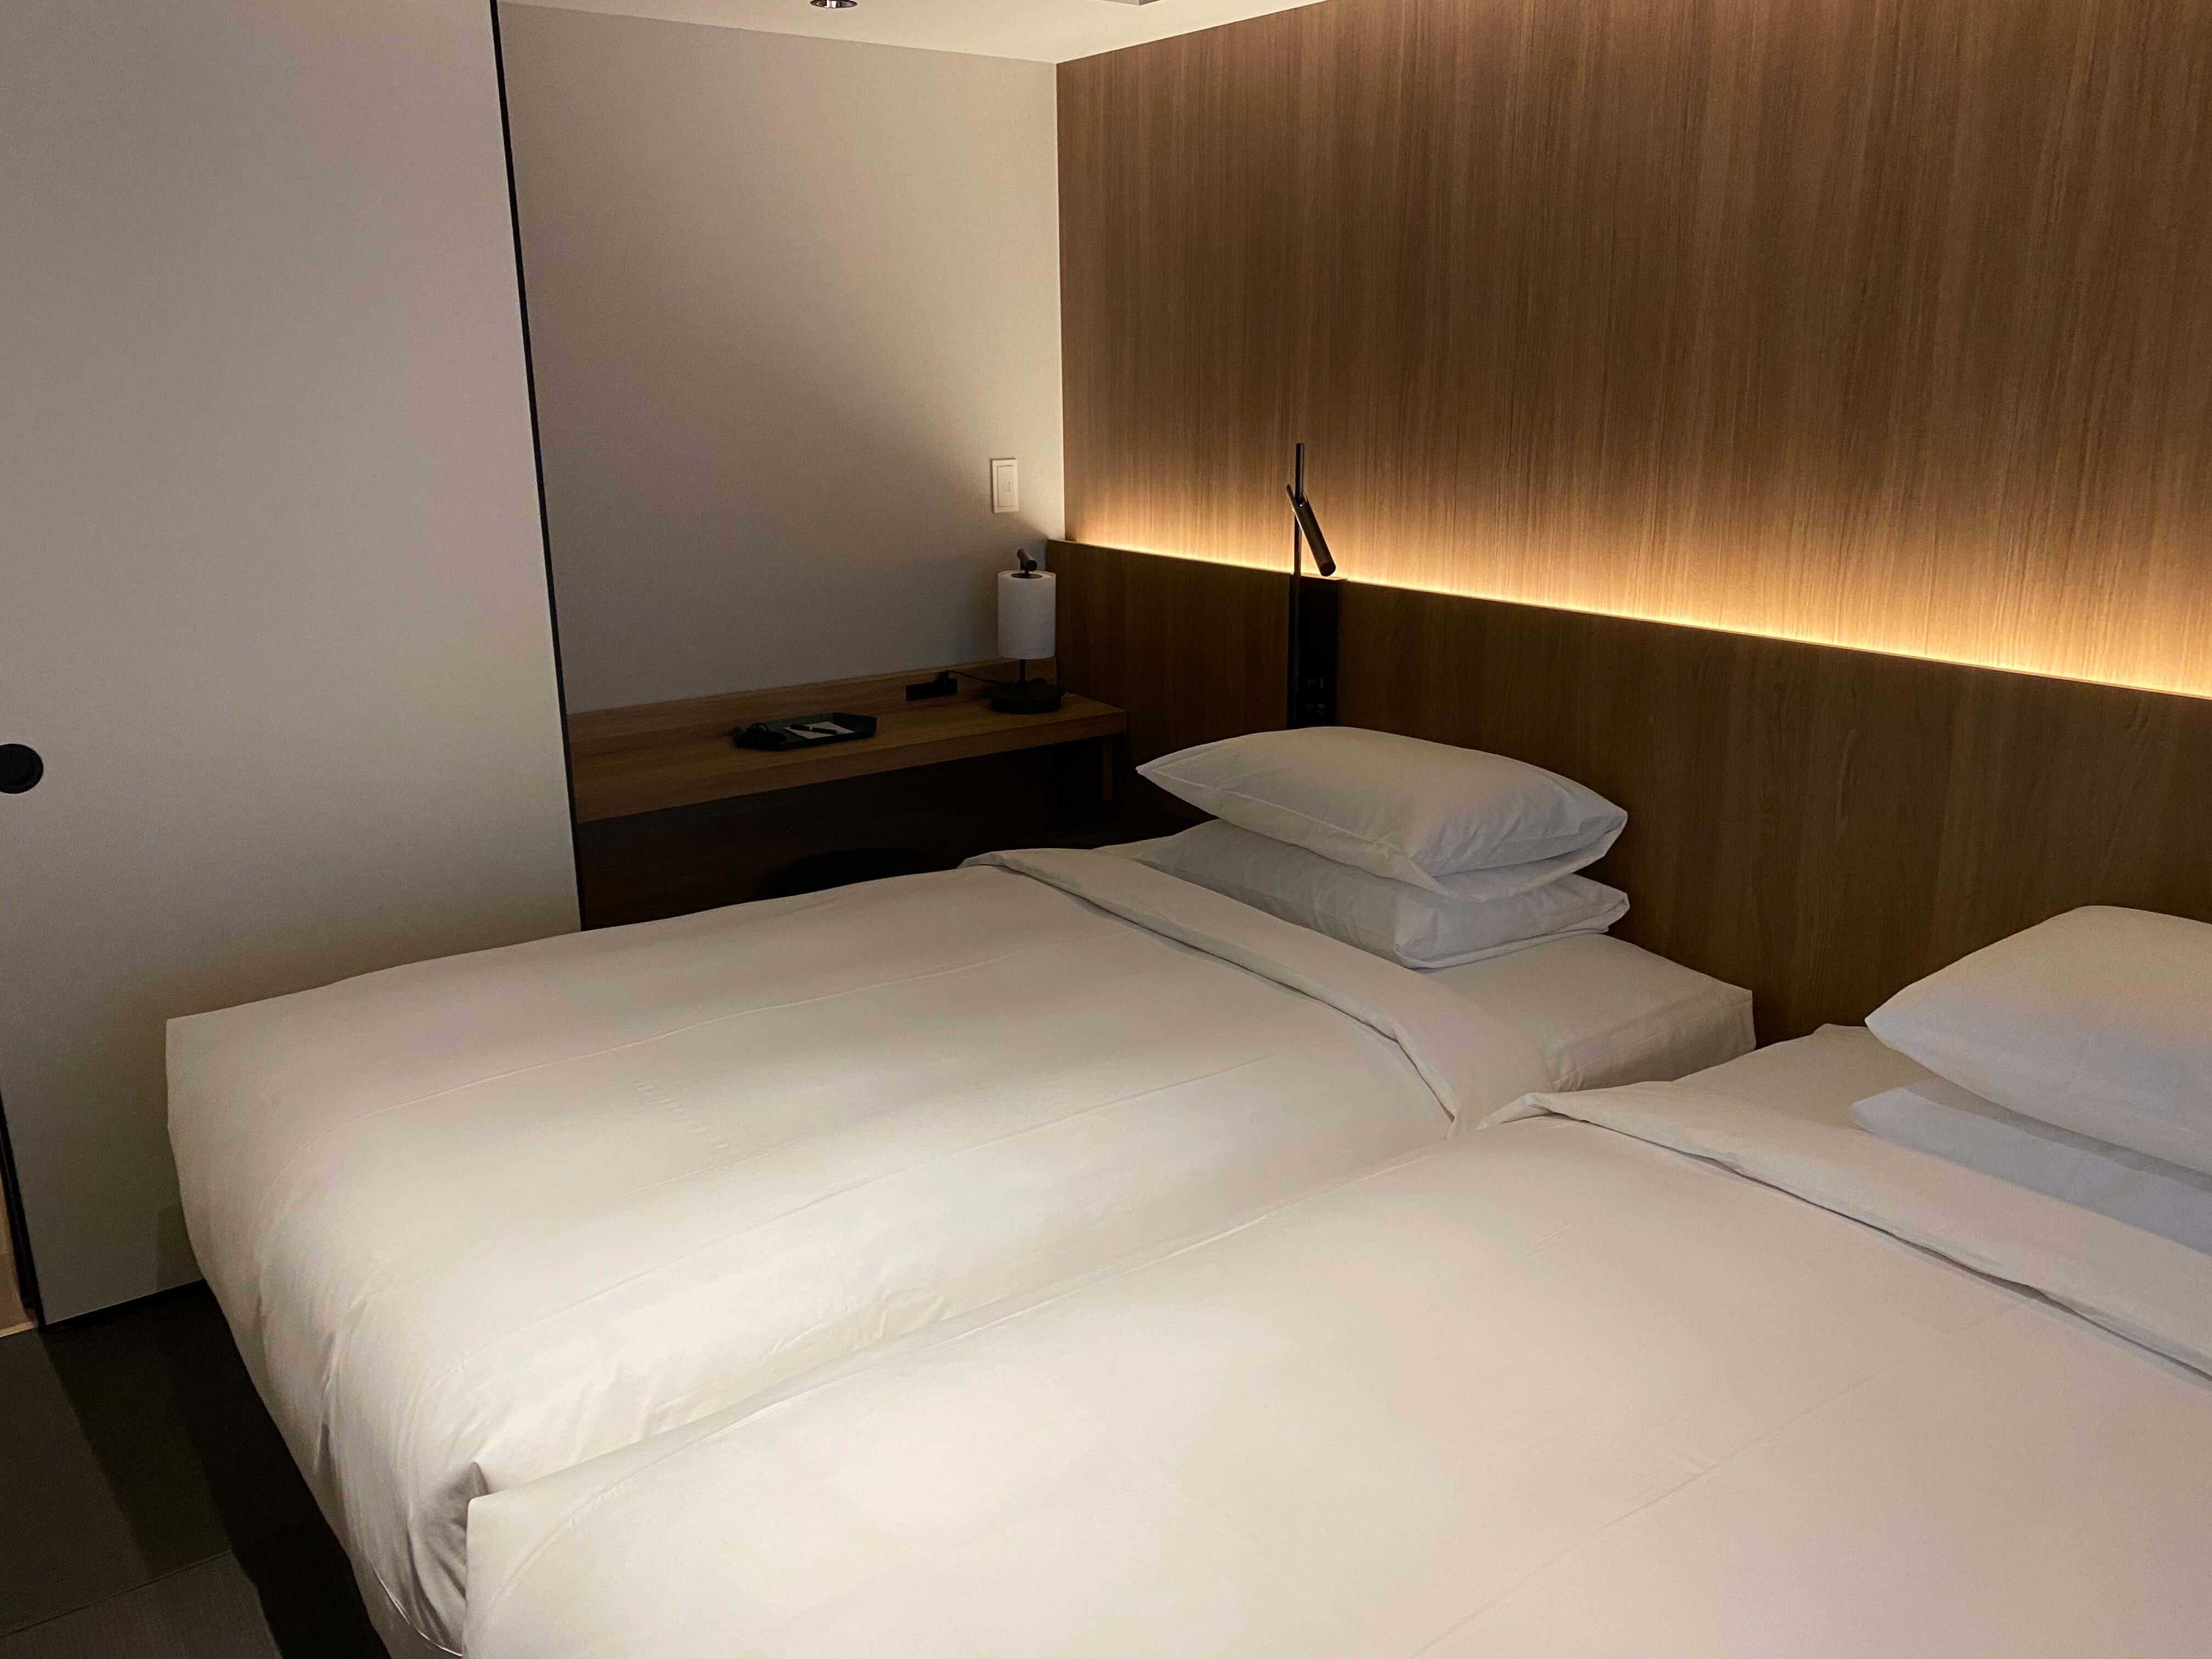 HIYORIチャプター京都 トリビュートポートフォリオホテル 部屋